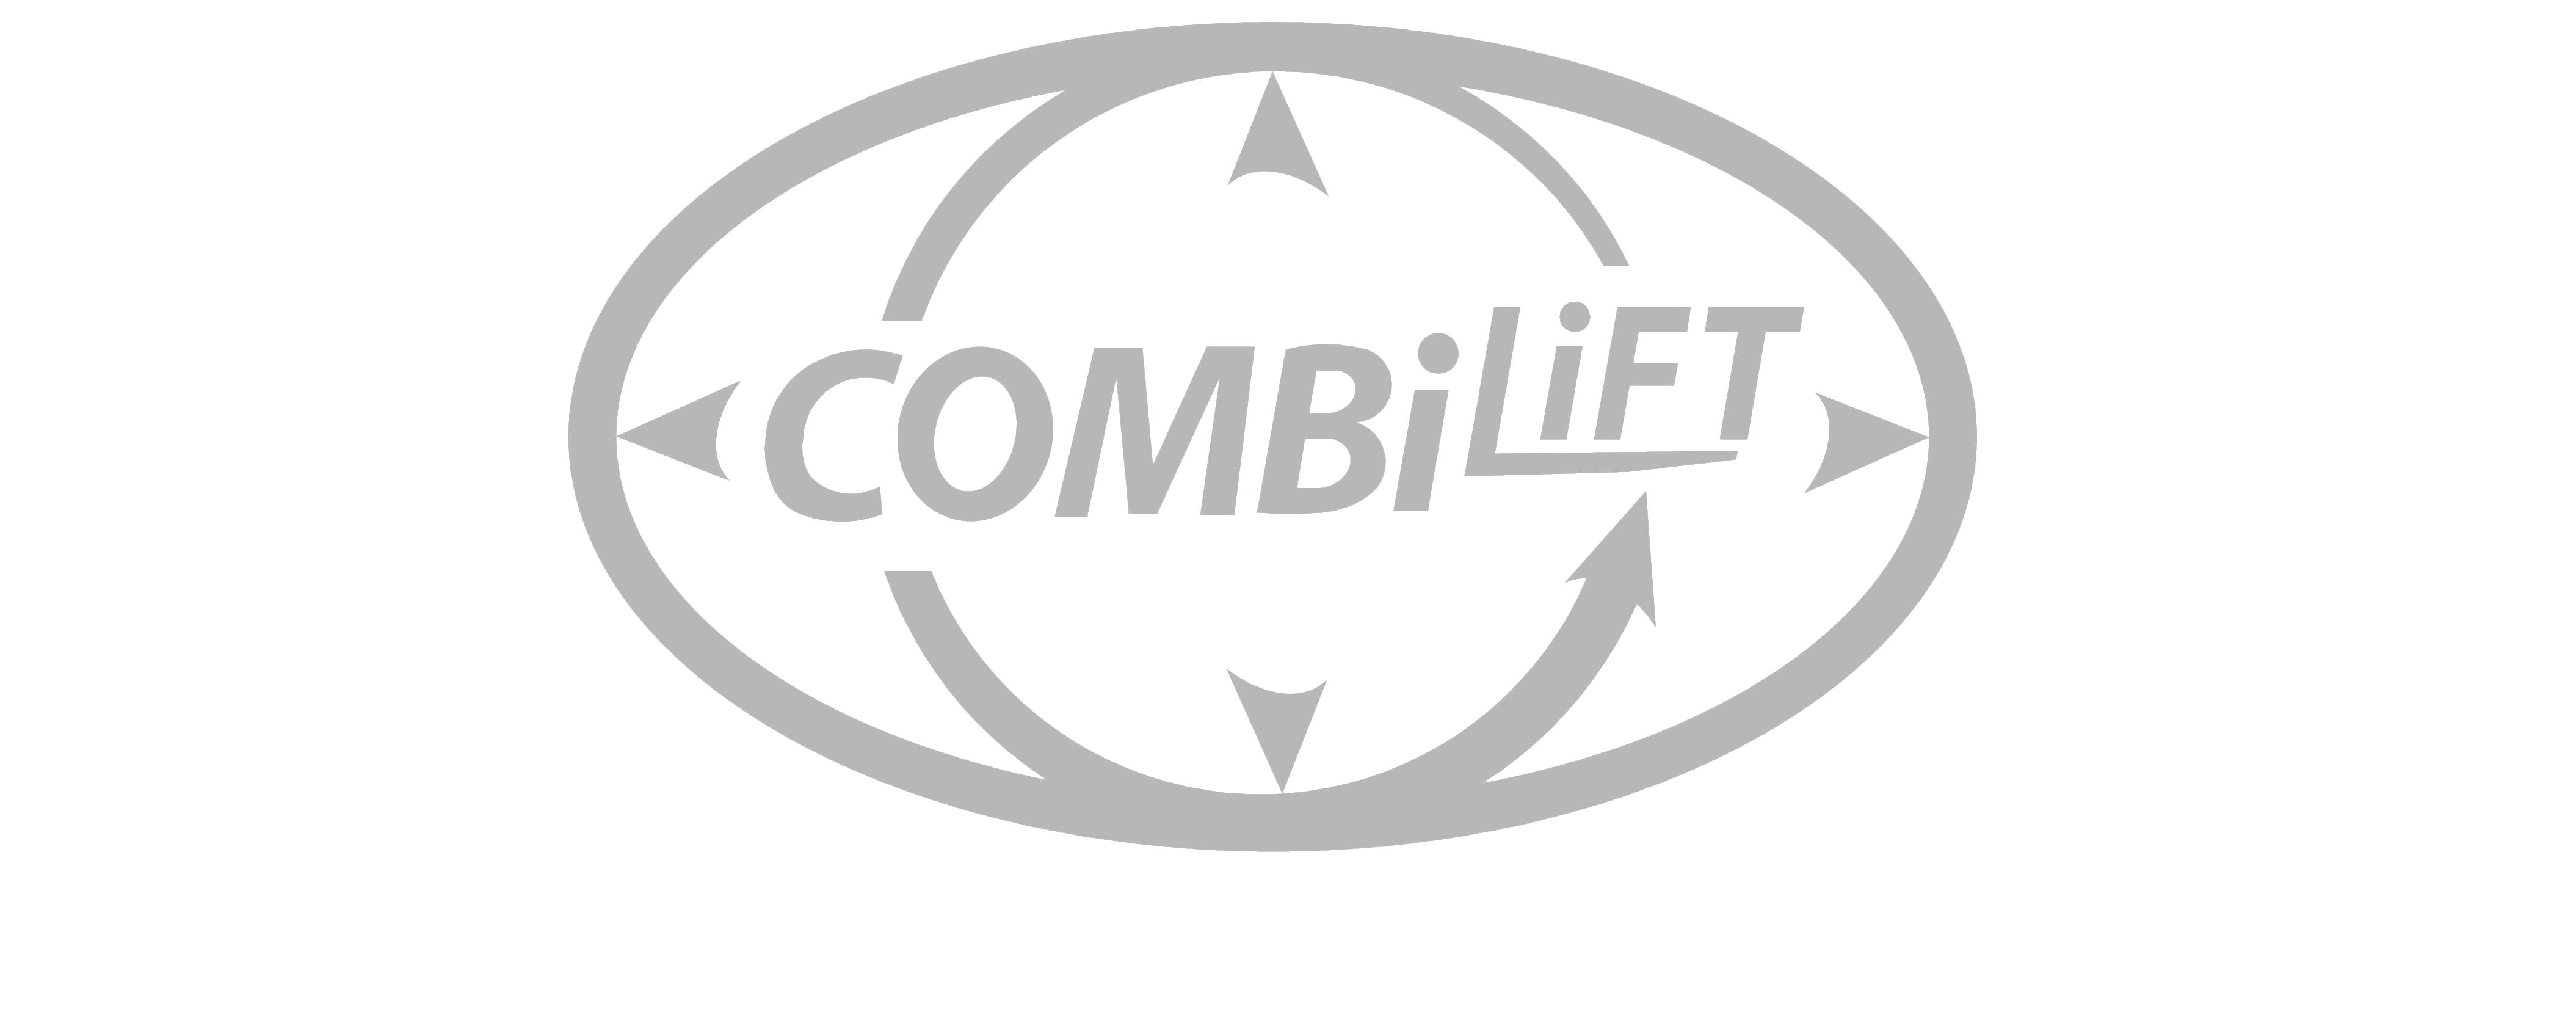 combilift logo B&W copy